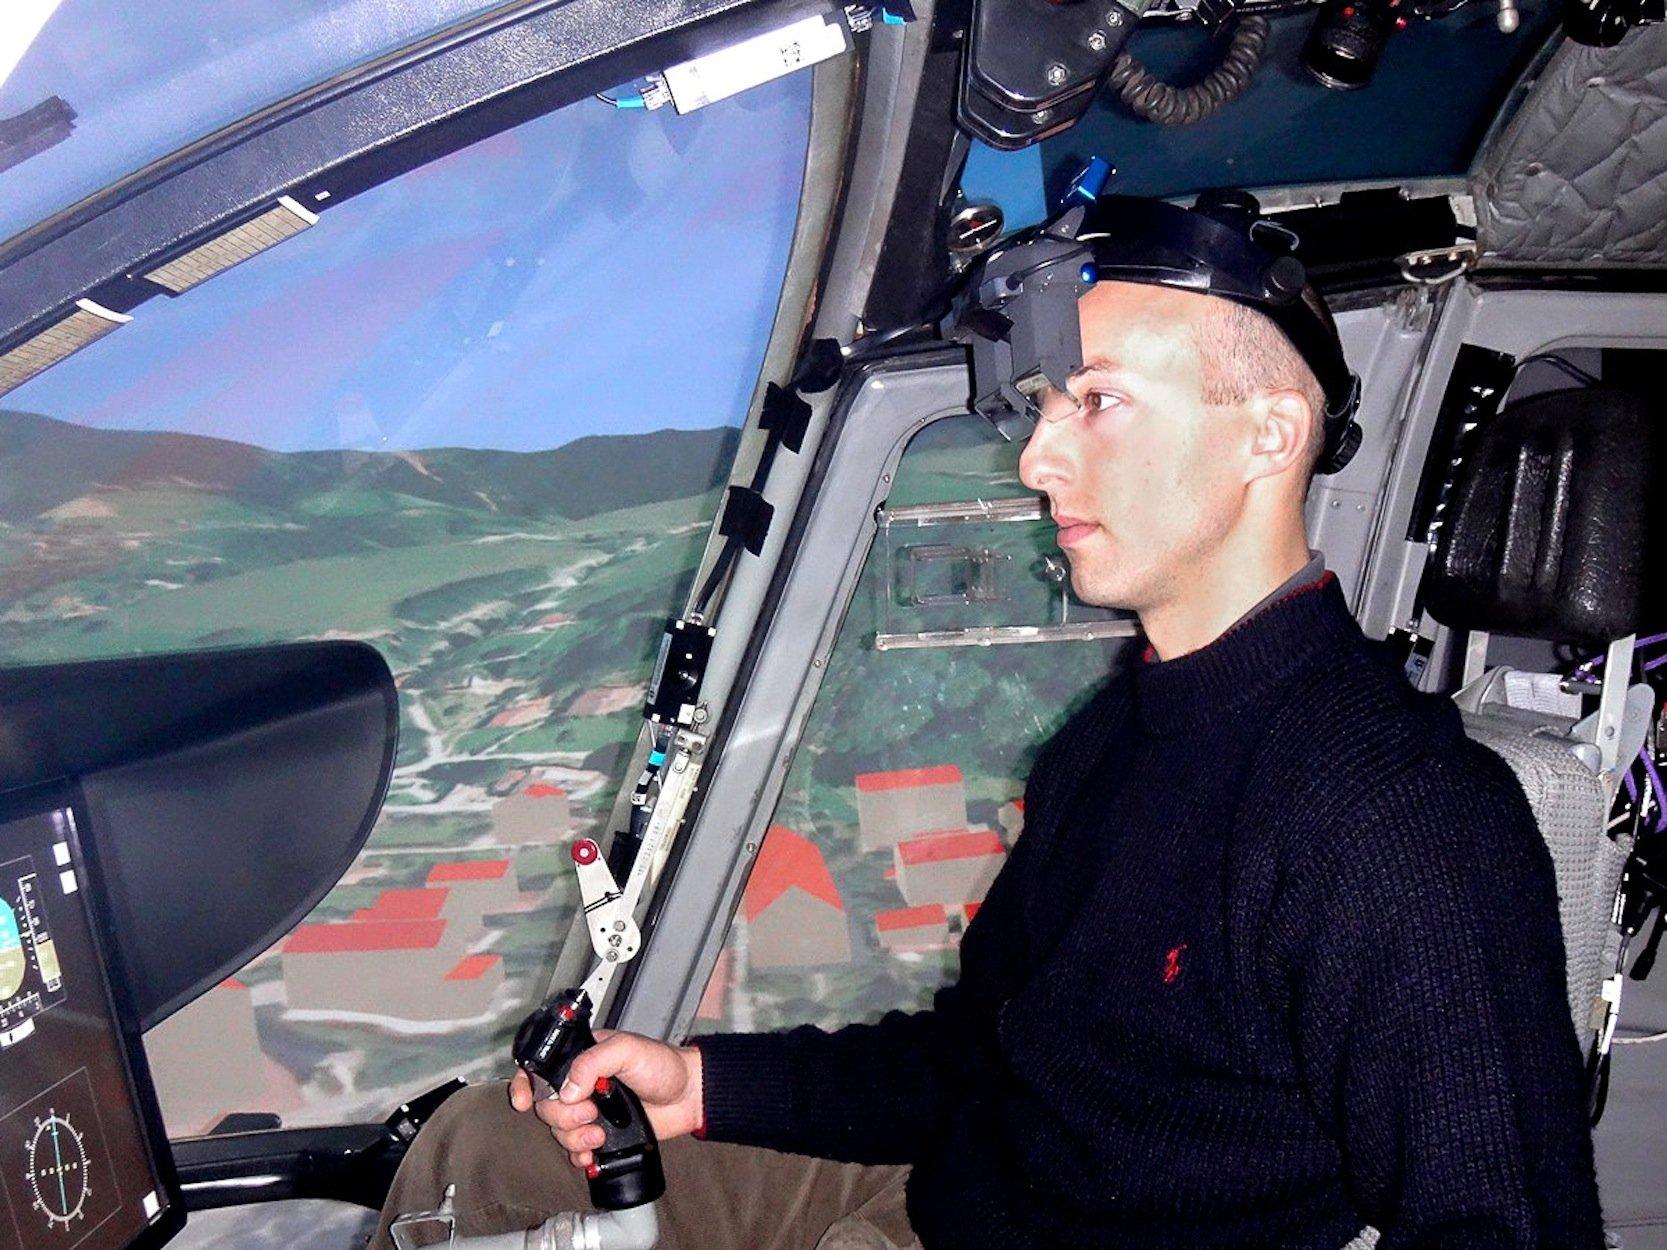 Per VR-Brille können dem Piloten zusätzliche Informationen eingeblendet werden.